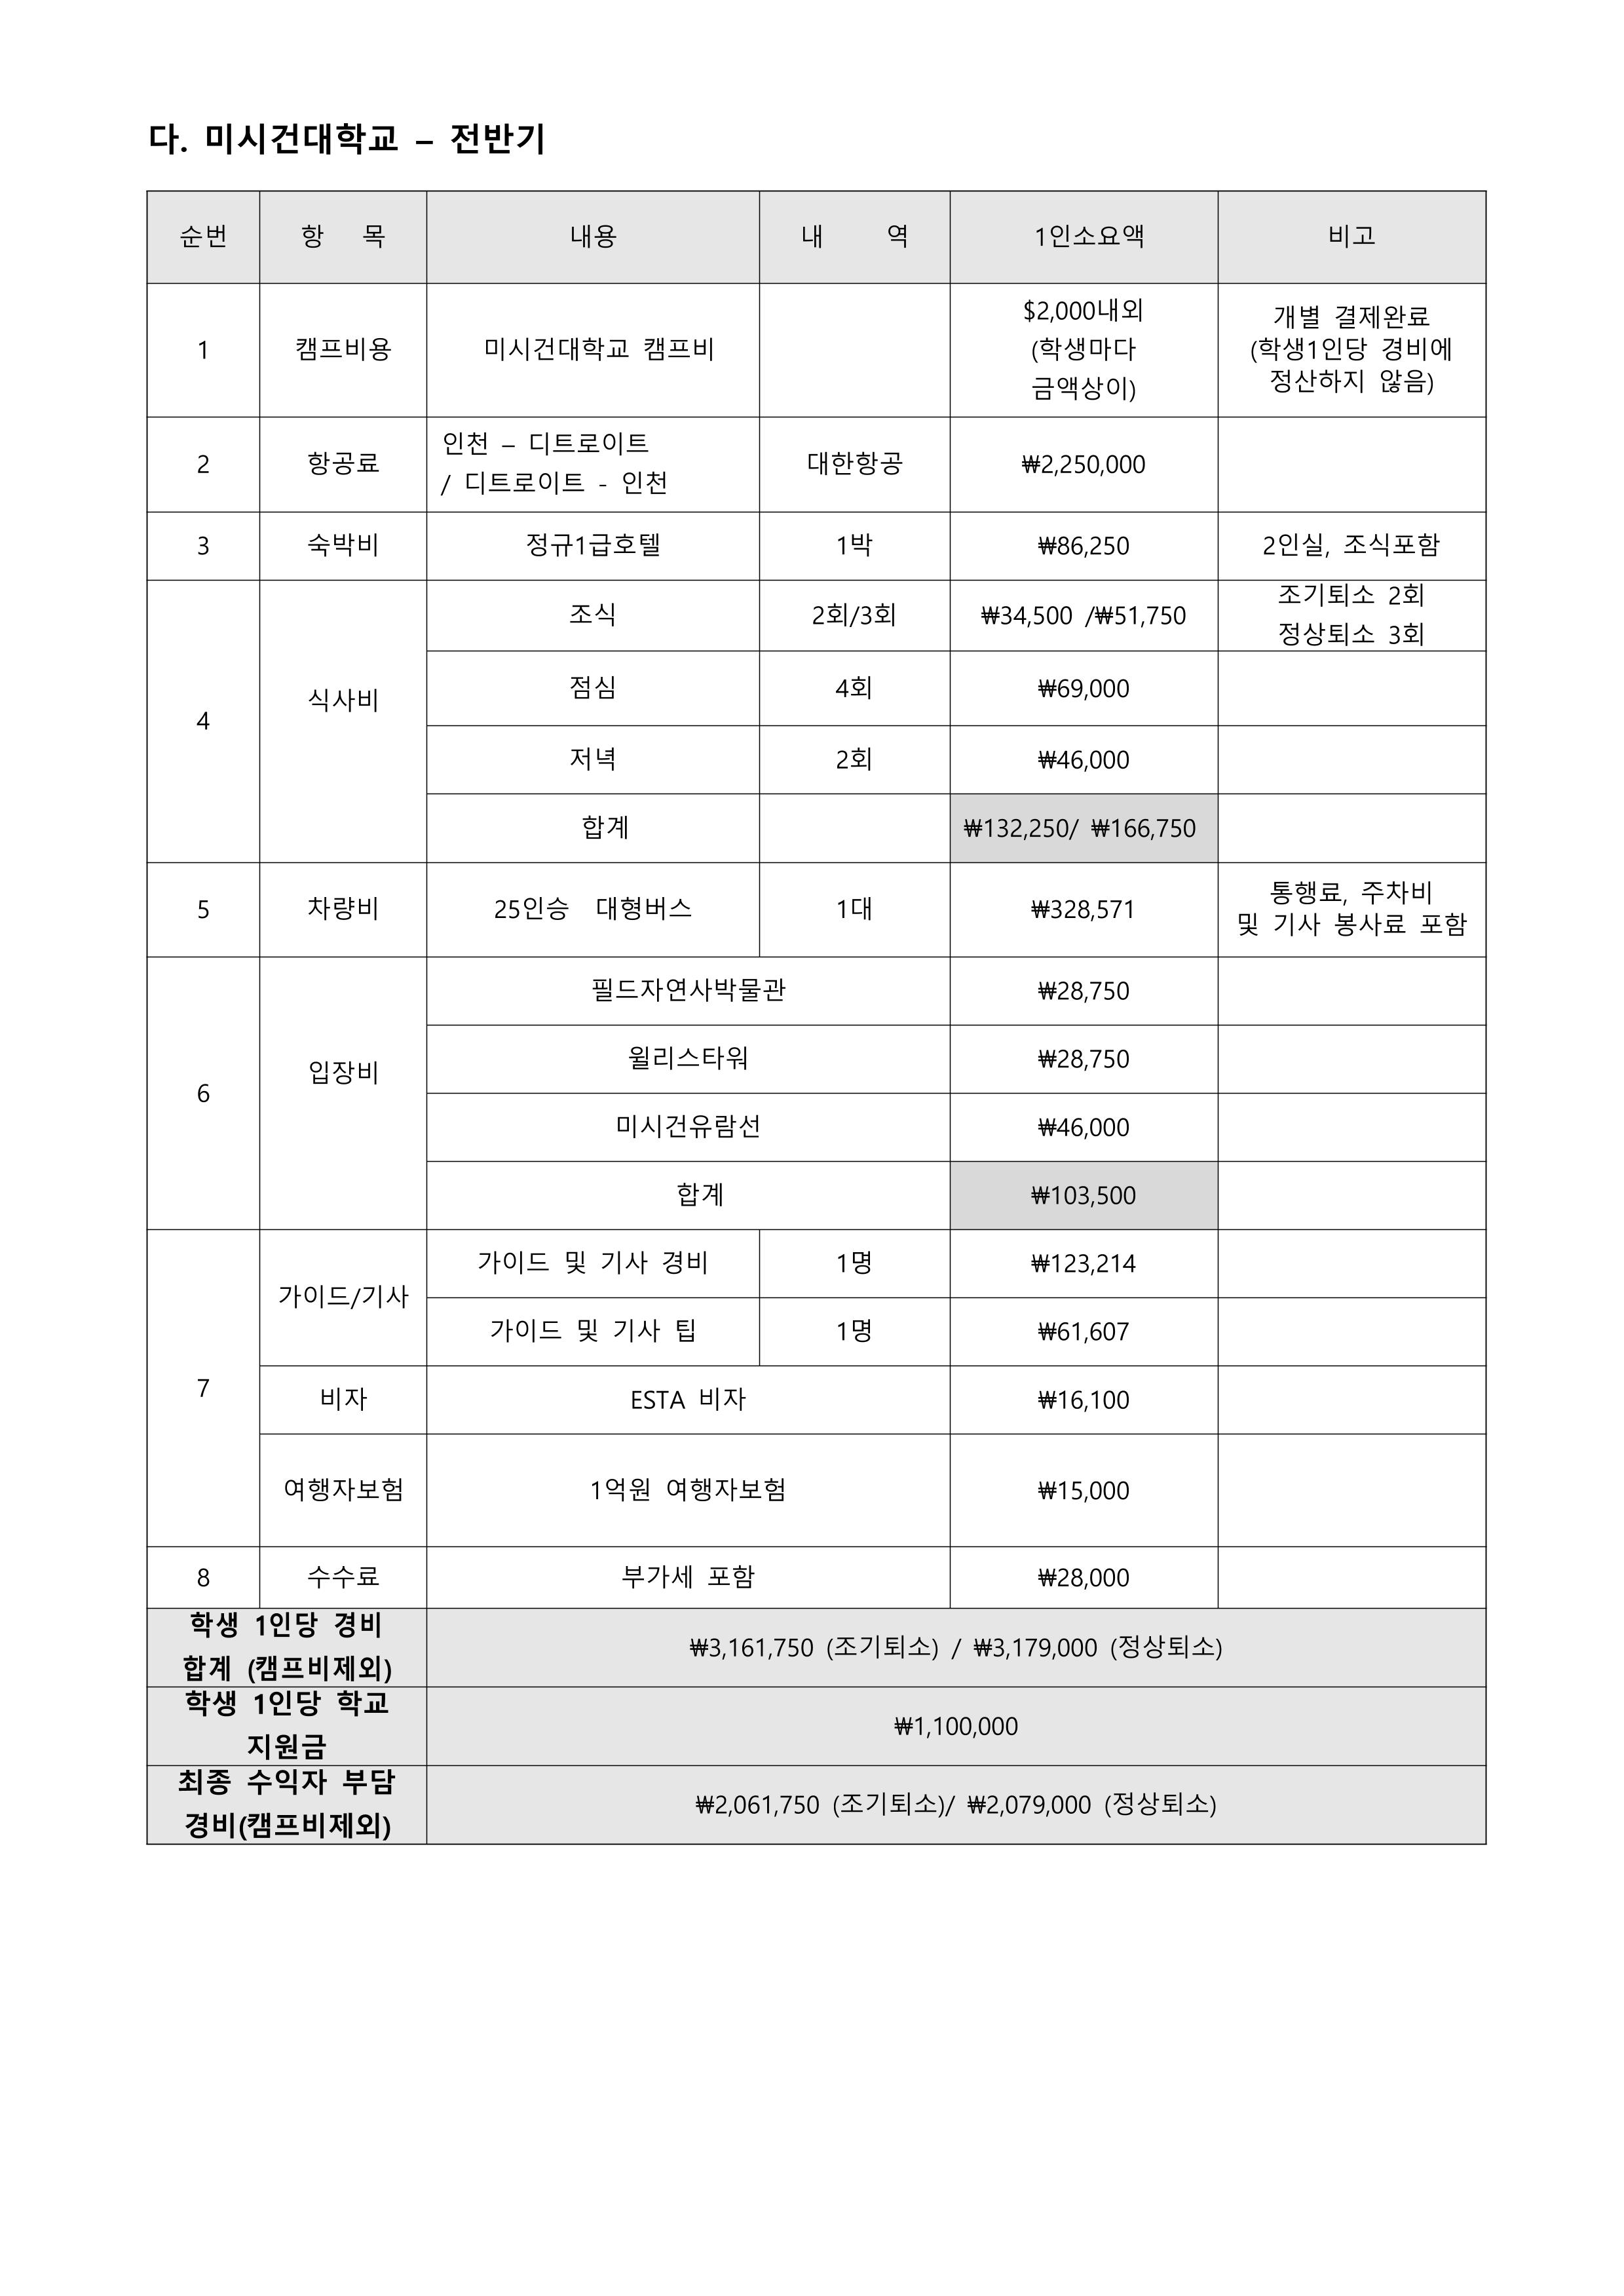 2019년 글로벌프런티어 프로그램 수익자 부담 경비 납부 안내. 5Page.